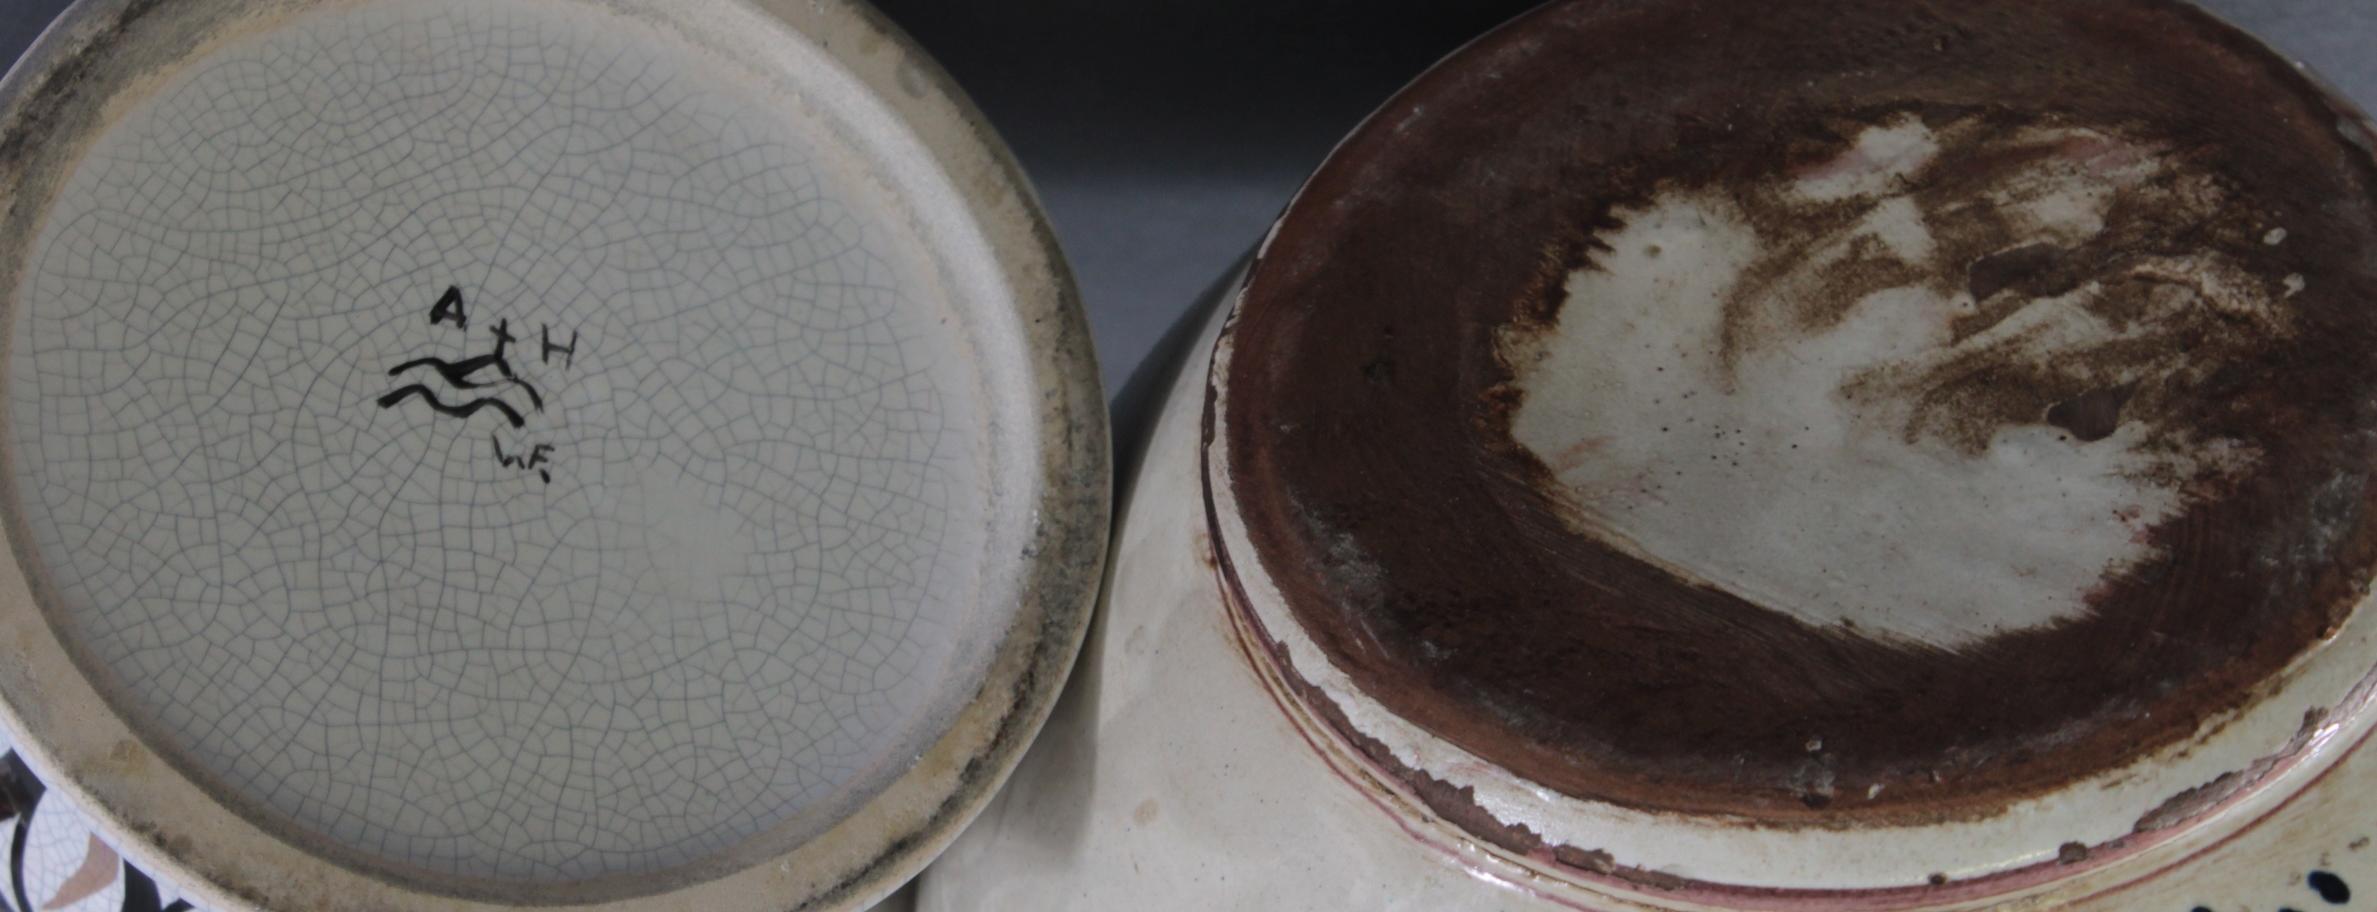 Zwei Apothekergefäße, 20. Jahrhundert-4